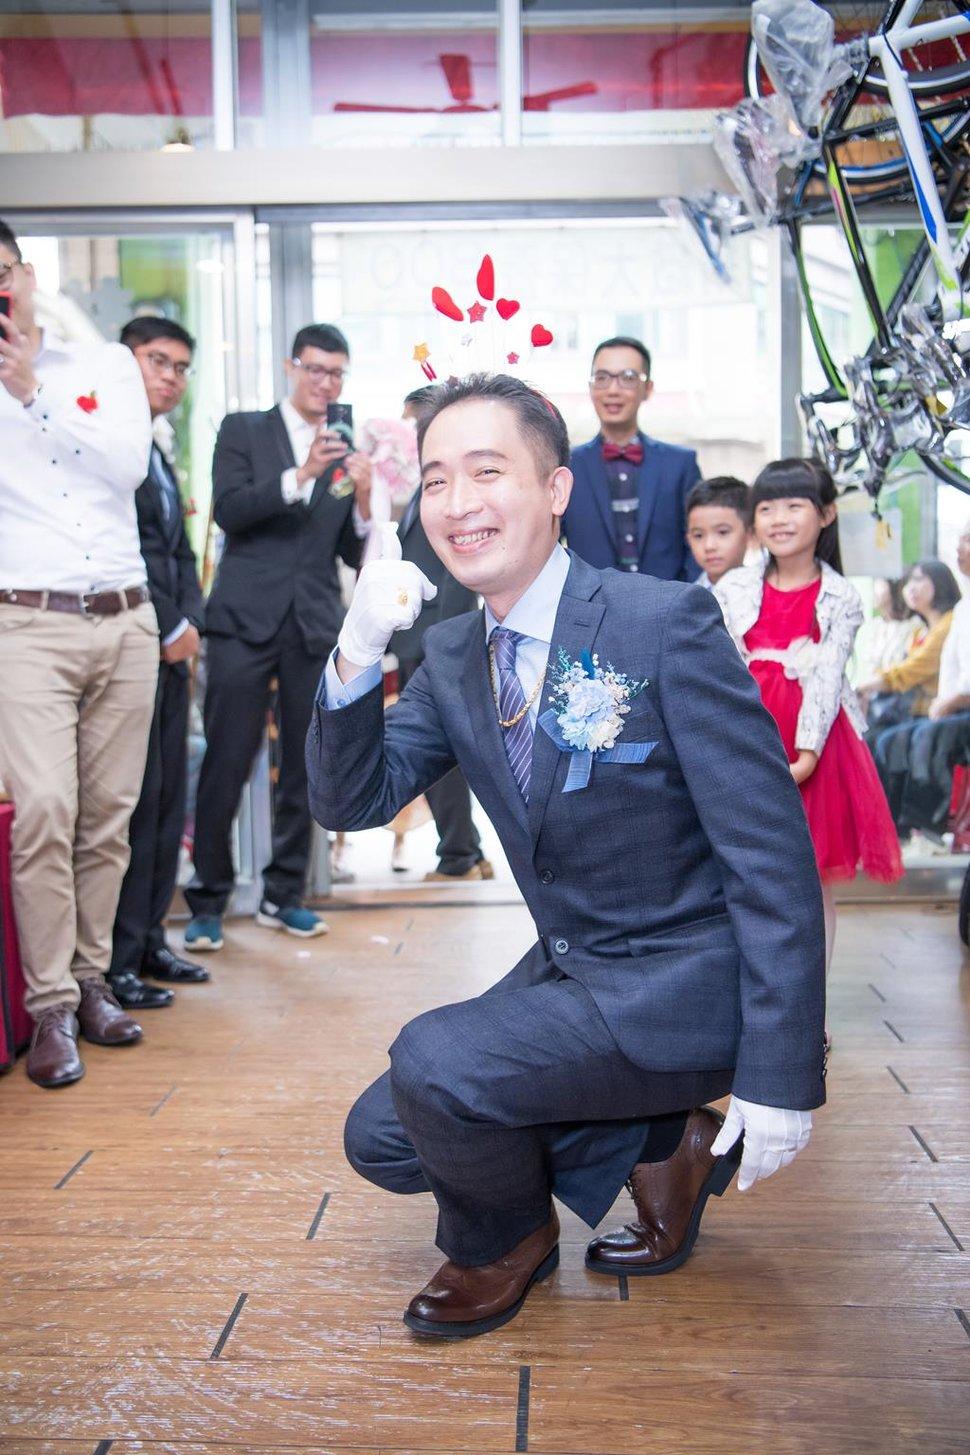 書孟&逸琳婚禮紀實-127 - Mr. Happiness 幸福先生 - 結婚吧